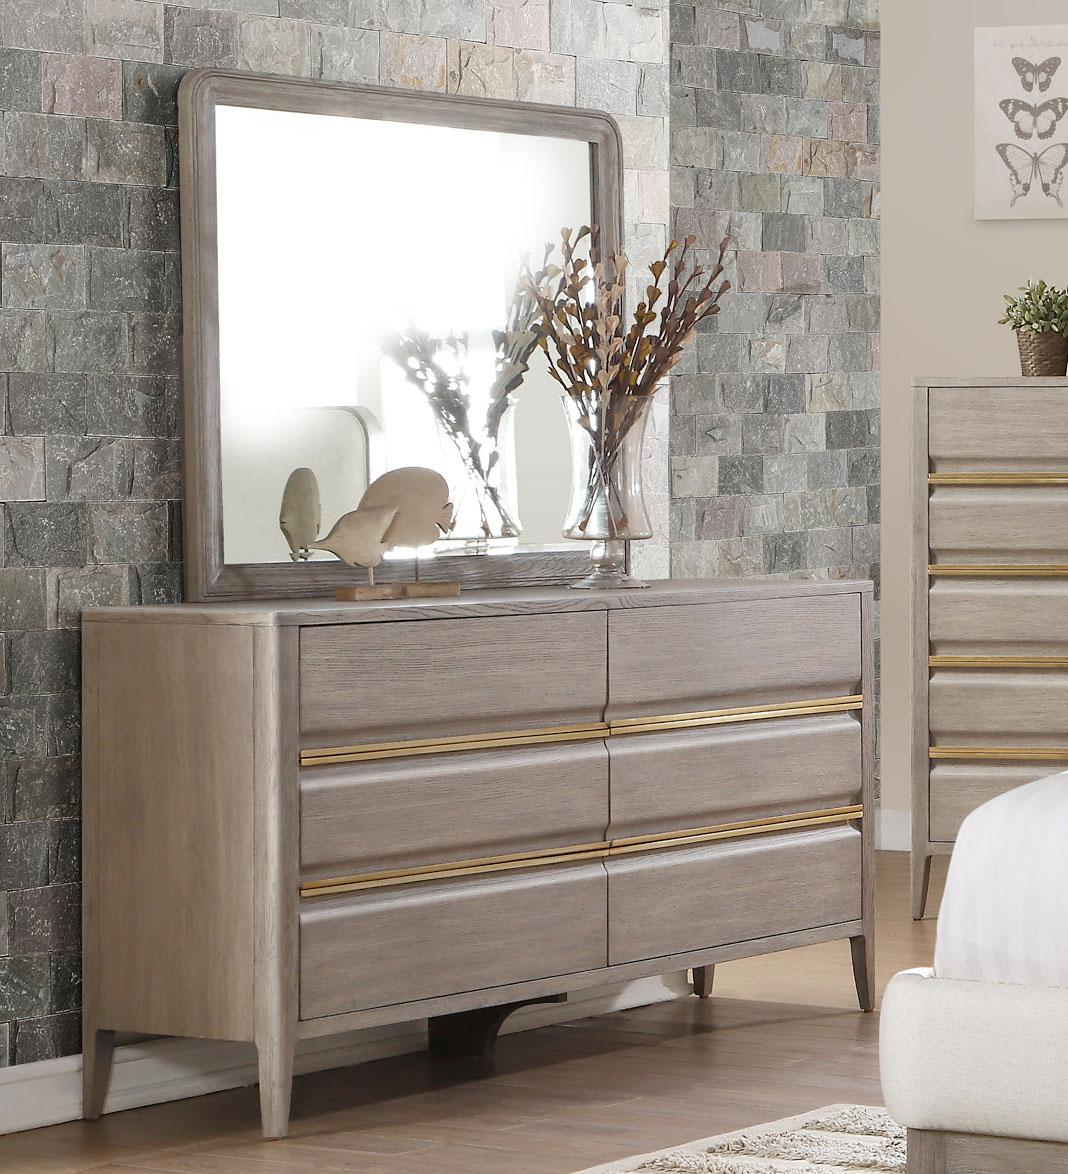 Homelegance Aristide Dresser - Gold and Weathered Grey